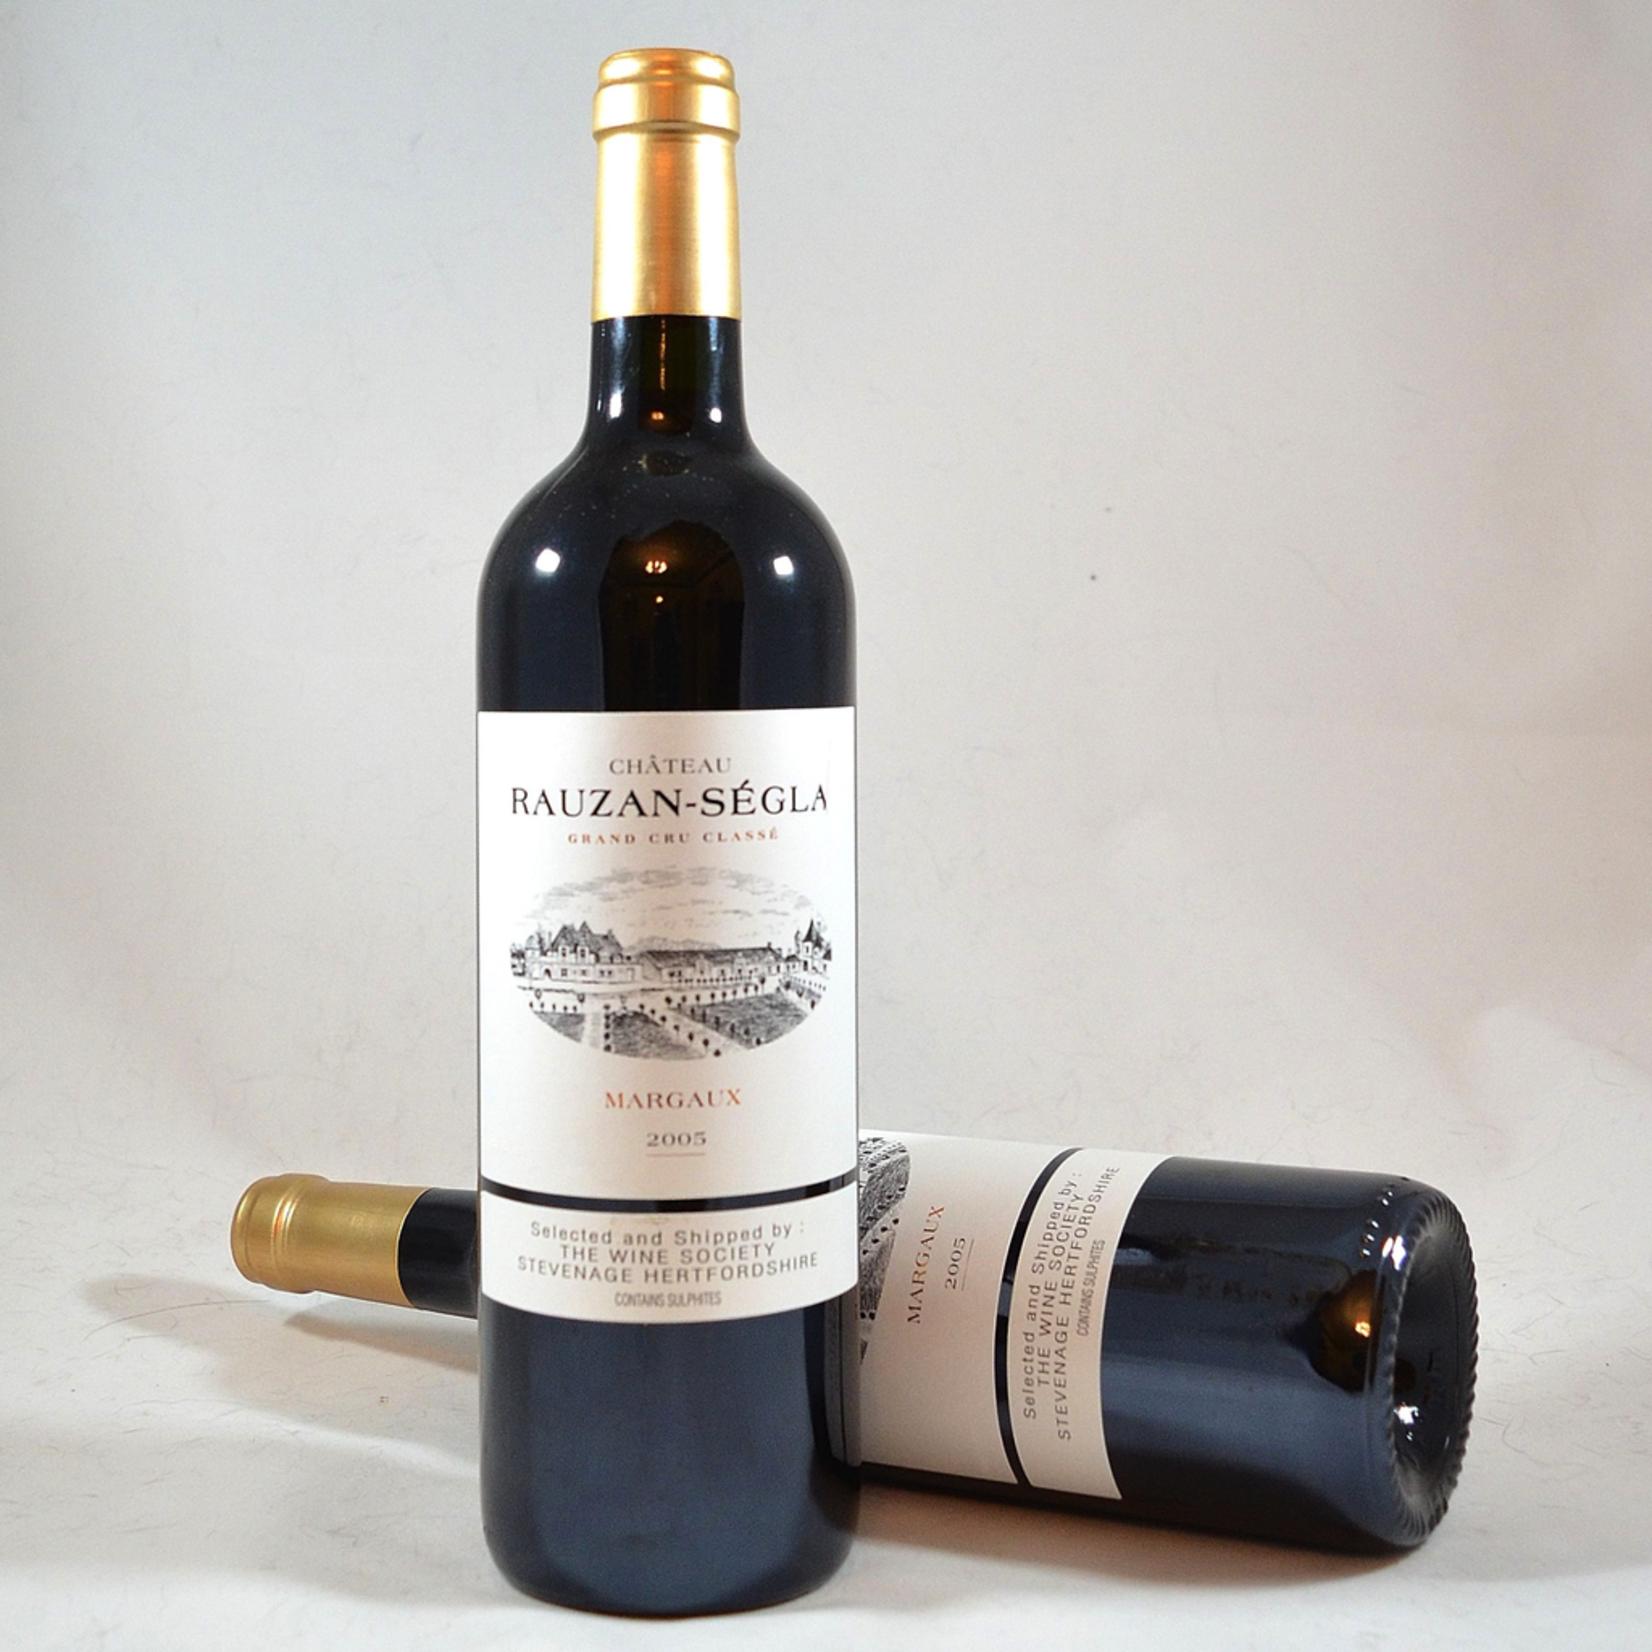 Wine Chateau Rauzan Segla 2005